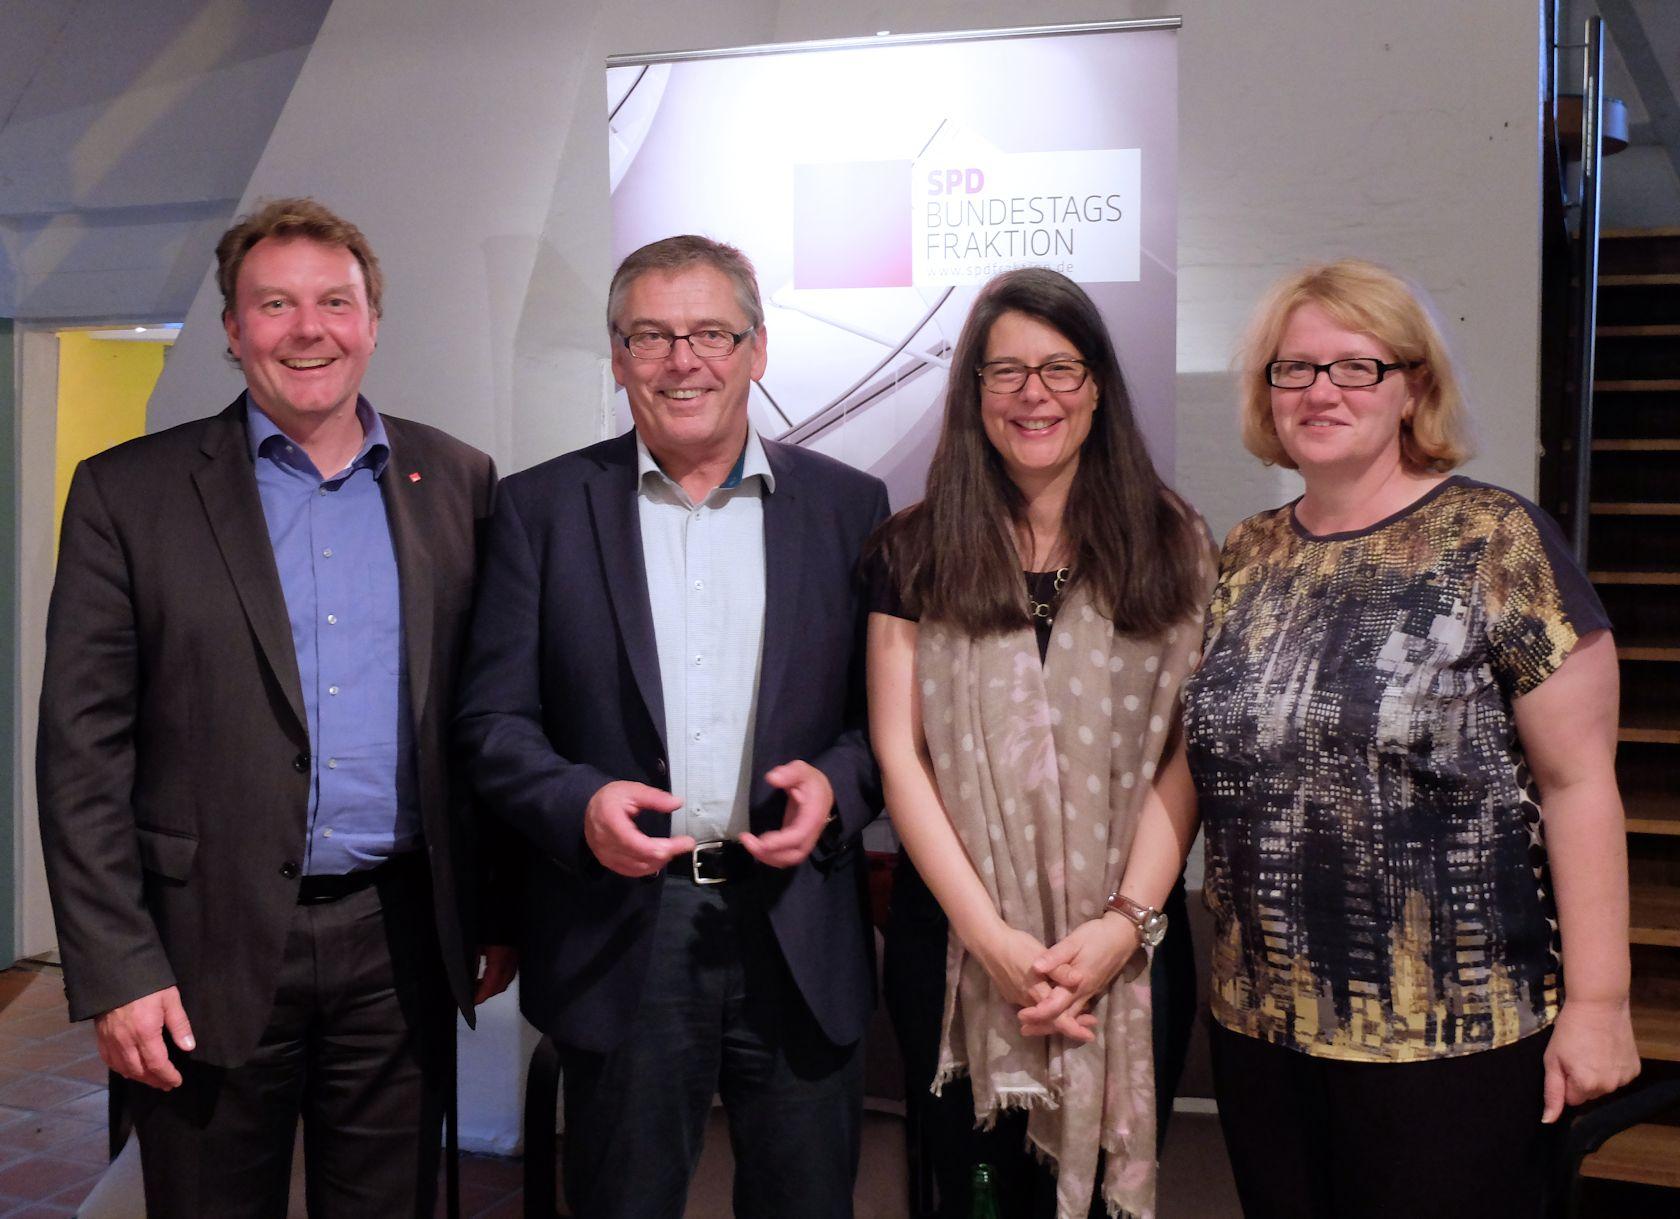 v.l.: Olaf Schulze, Uwe Polkaehn, Nina Scheer, Anette Kramme